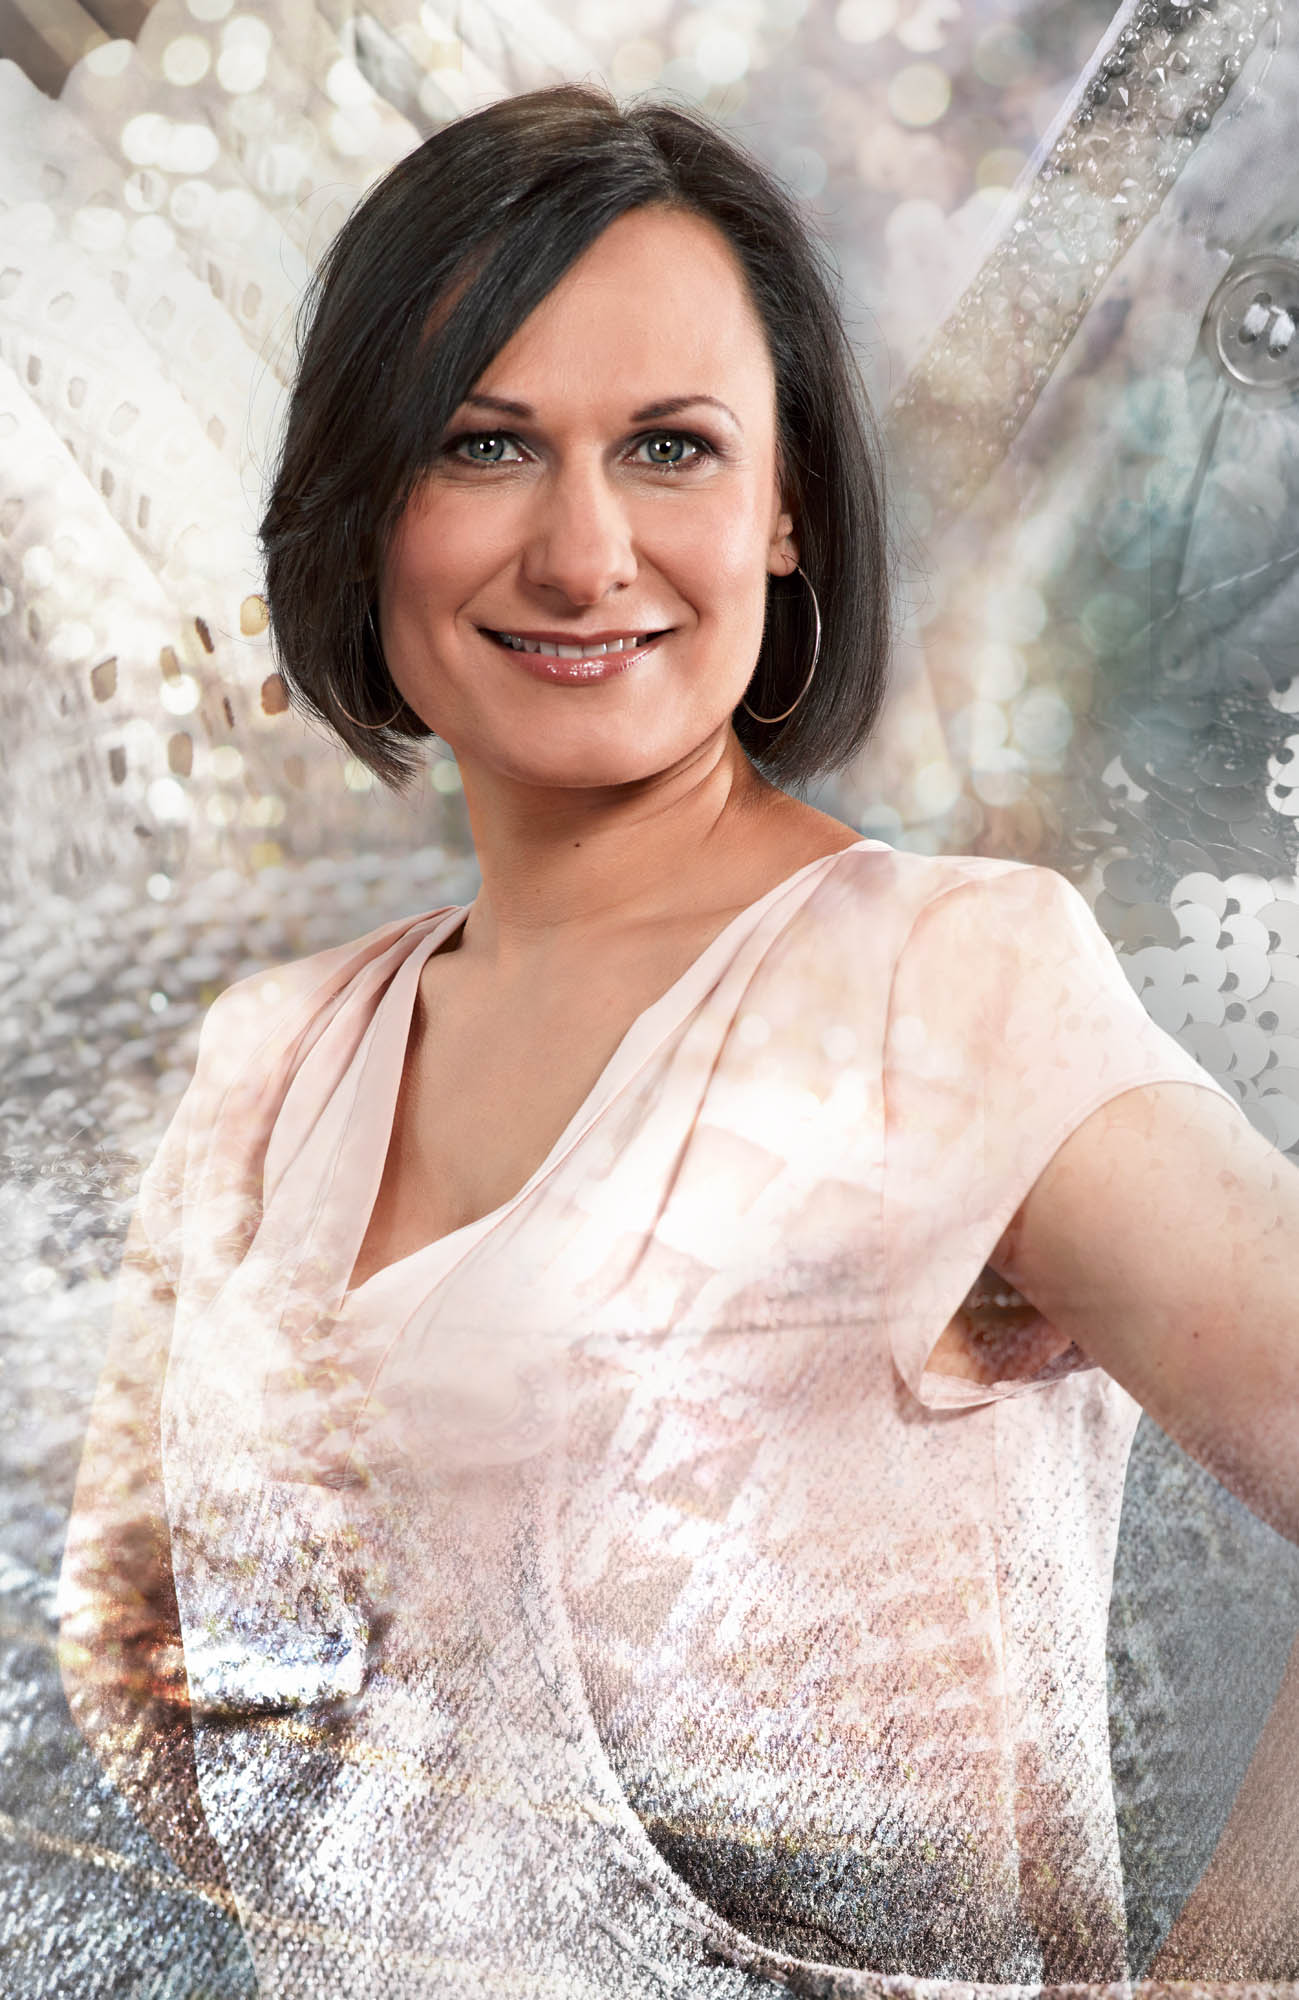 Oberpaur 2 - Modehaus Oberpaur: Mitarbeiterkampagne »Menschen die anziehen«